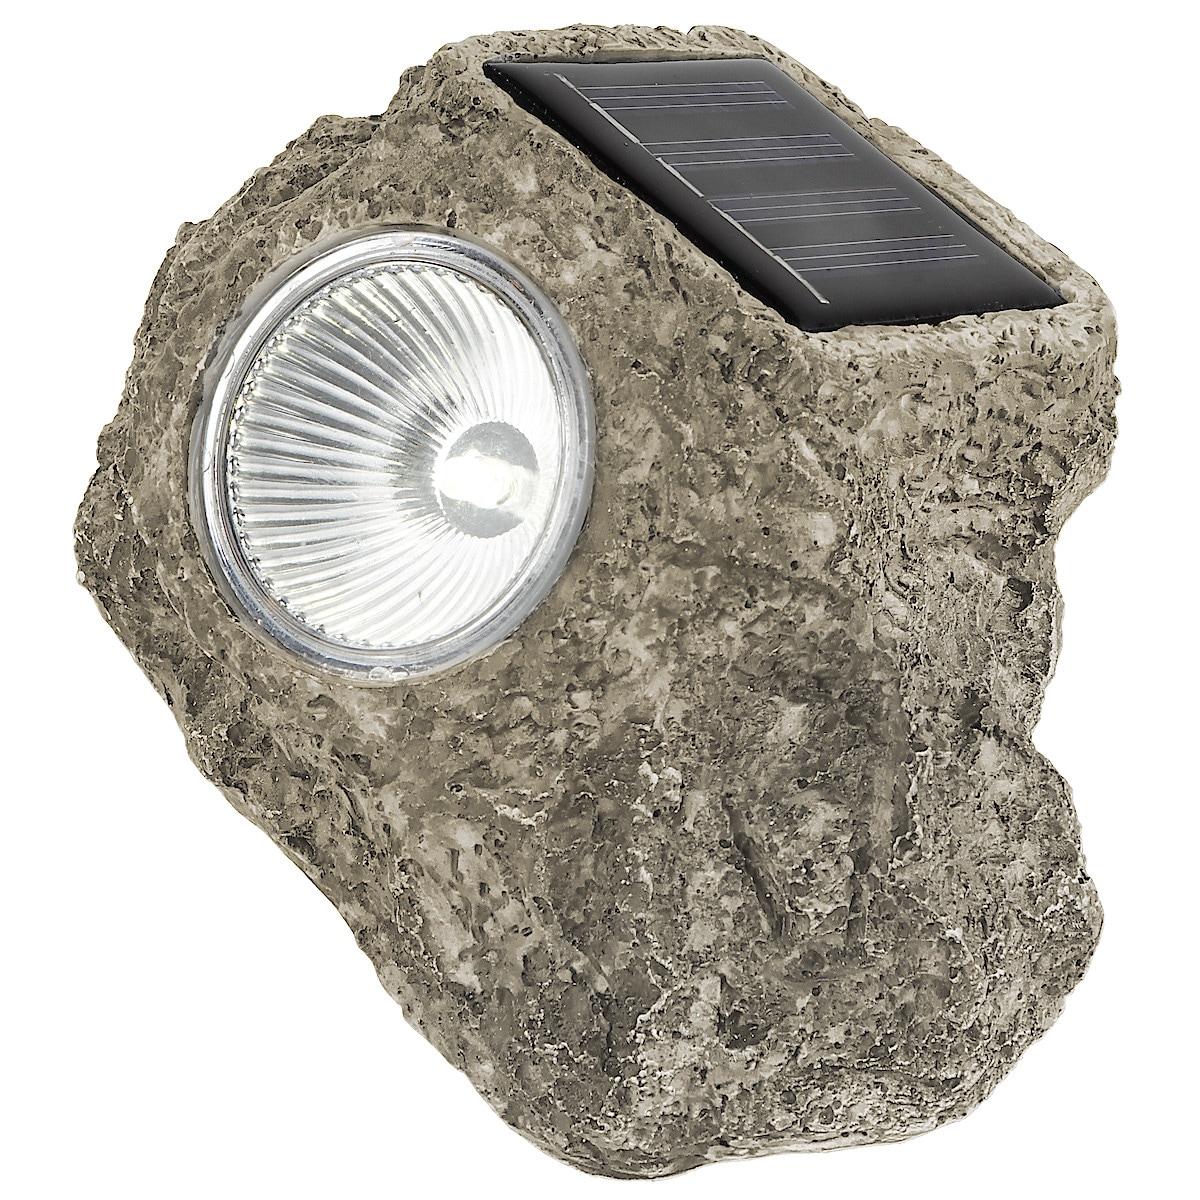 Stenar med solcellsbelysning